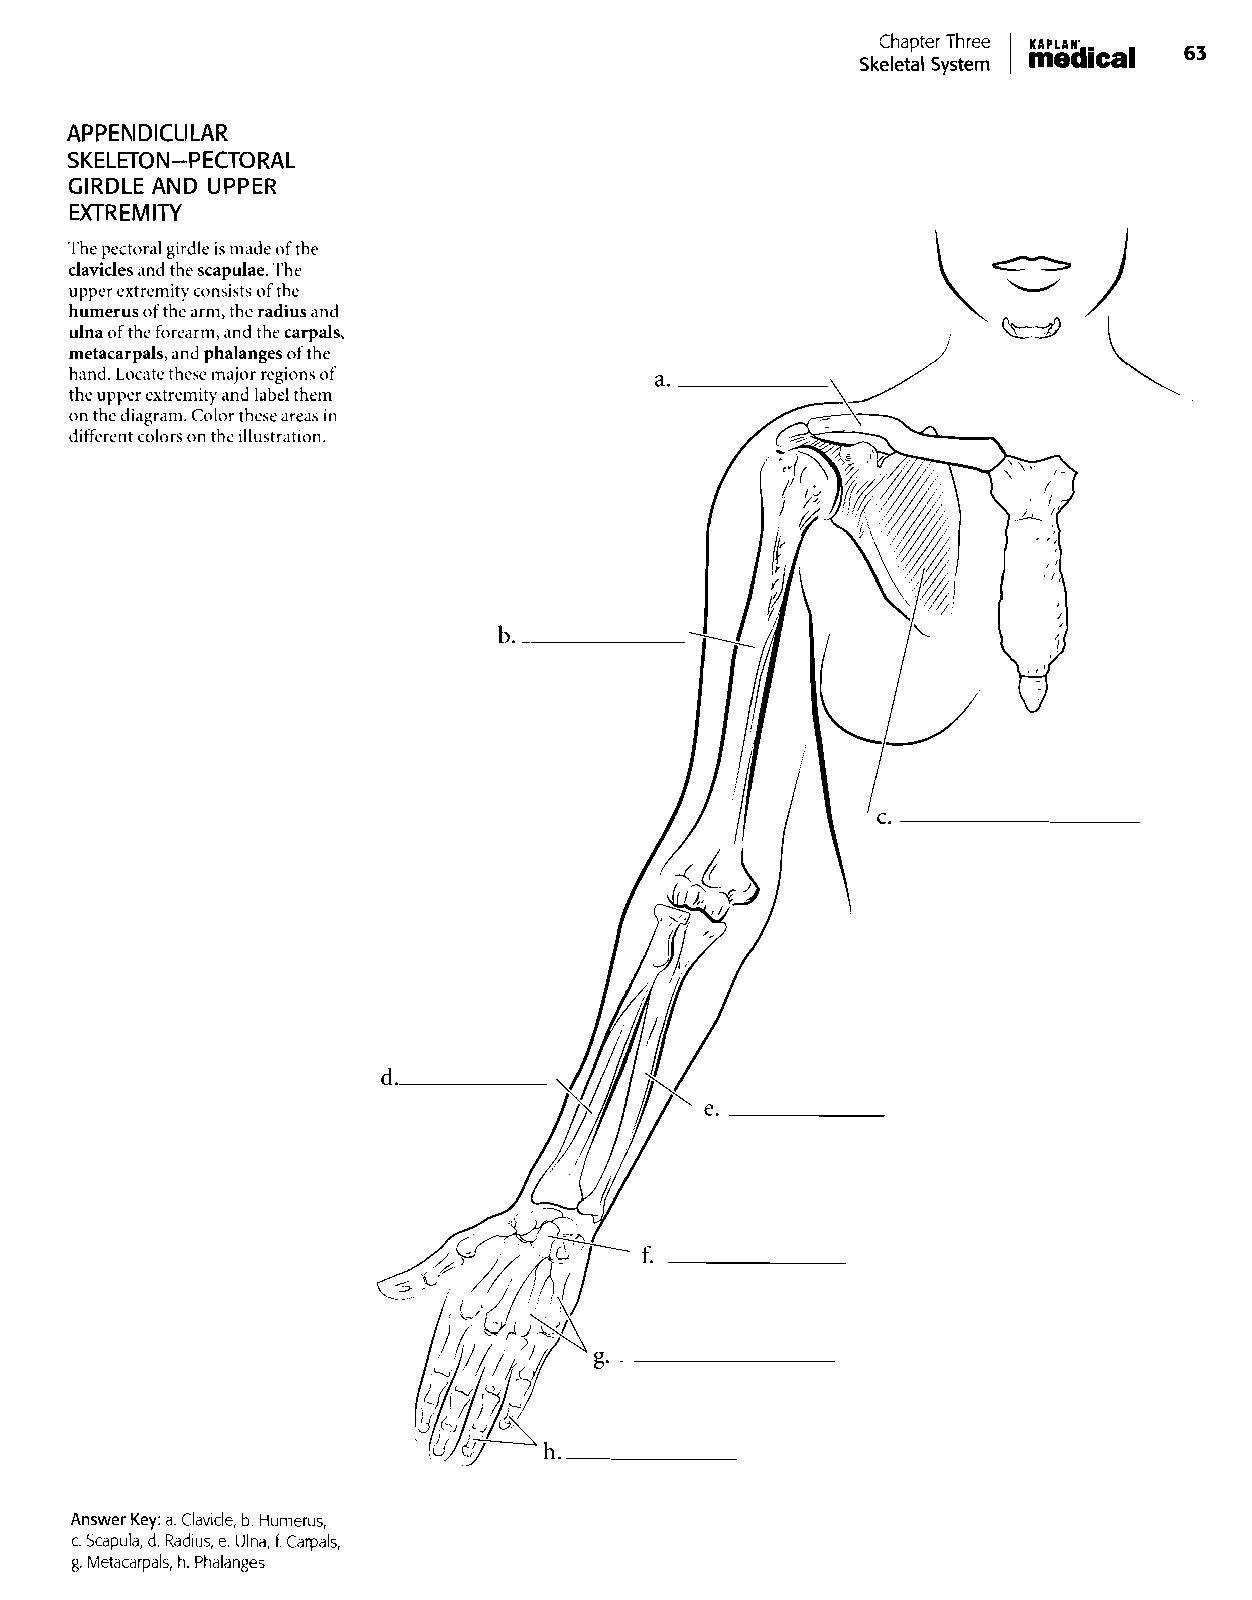 Anatomy Coloring Book Pdf Unique Coloring Design Coloring Designomy Book Pages Page Free With The Anatomy Coloring Book Coloring Books Coloring Book Set